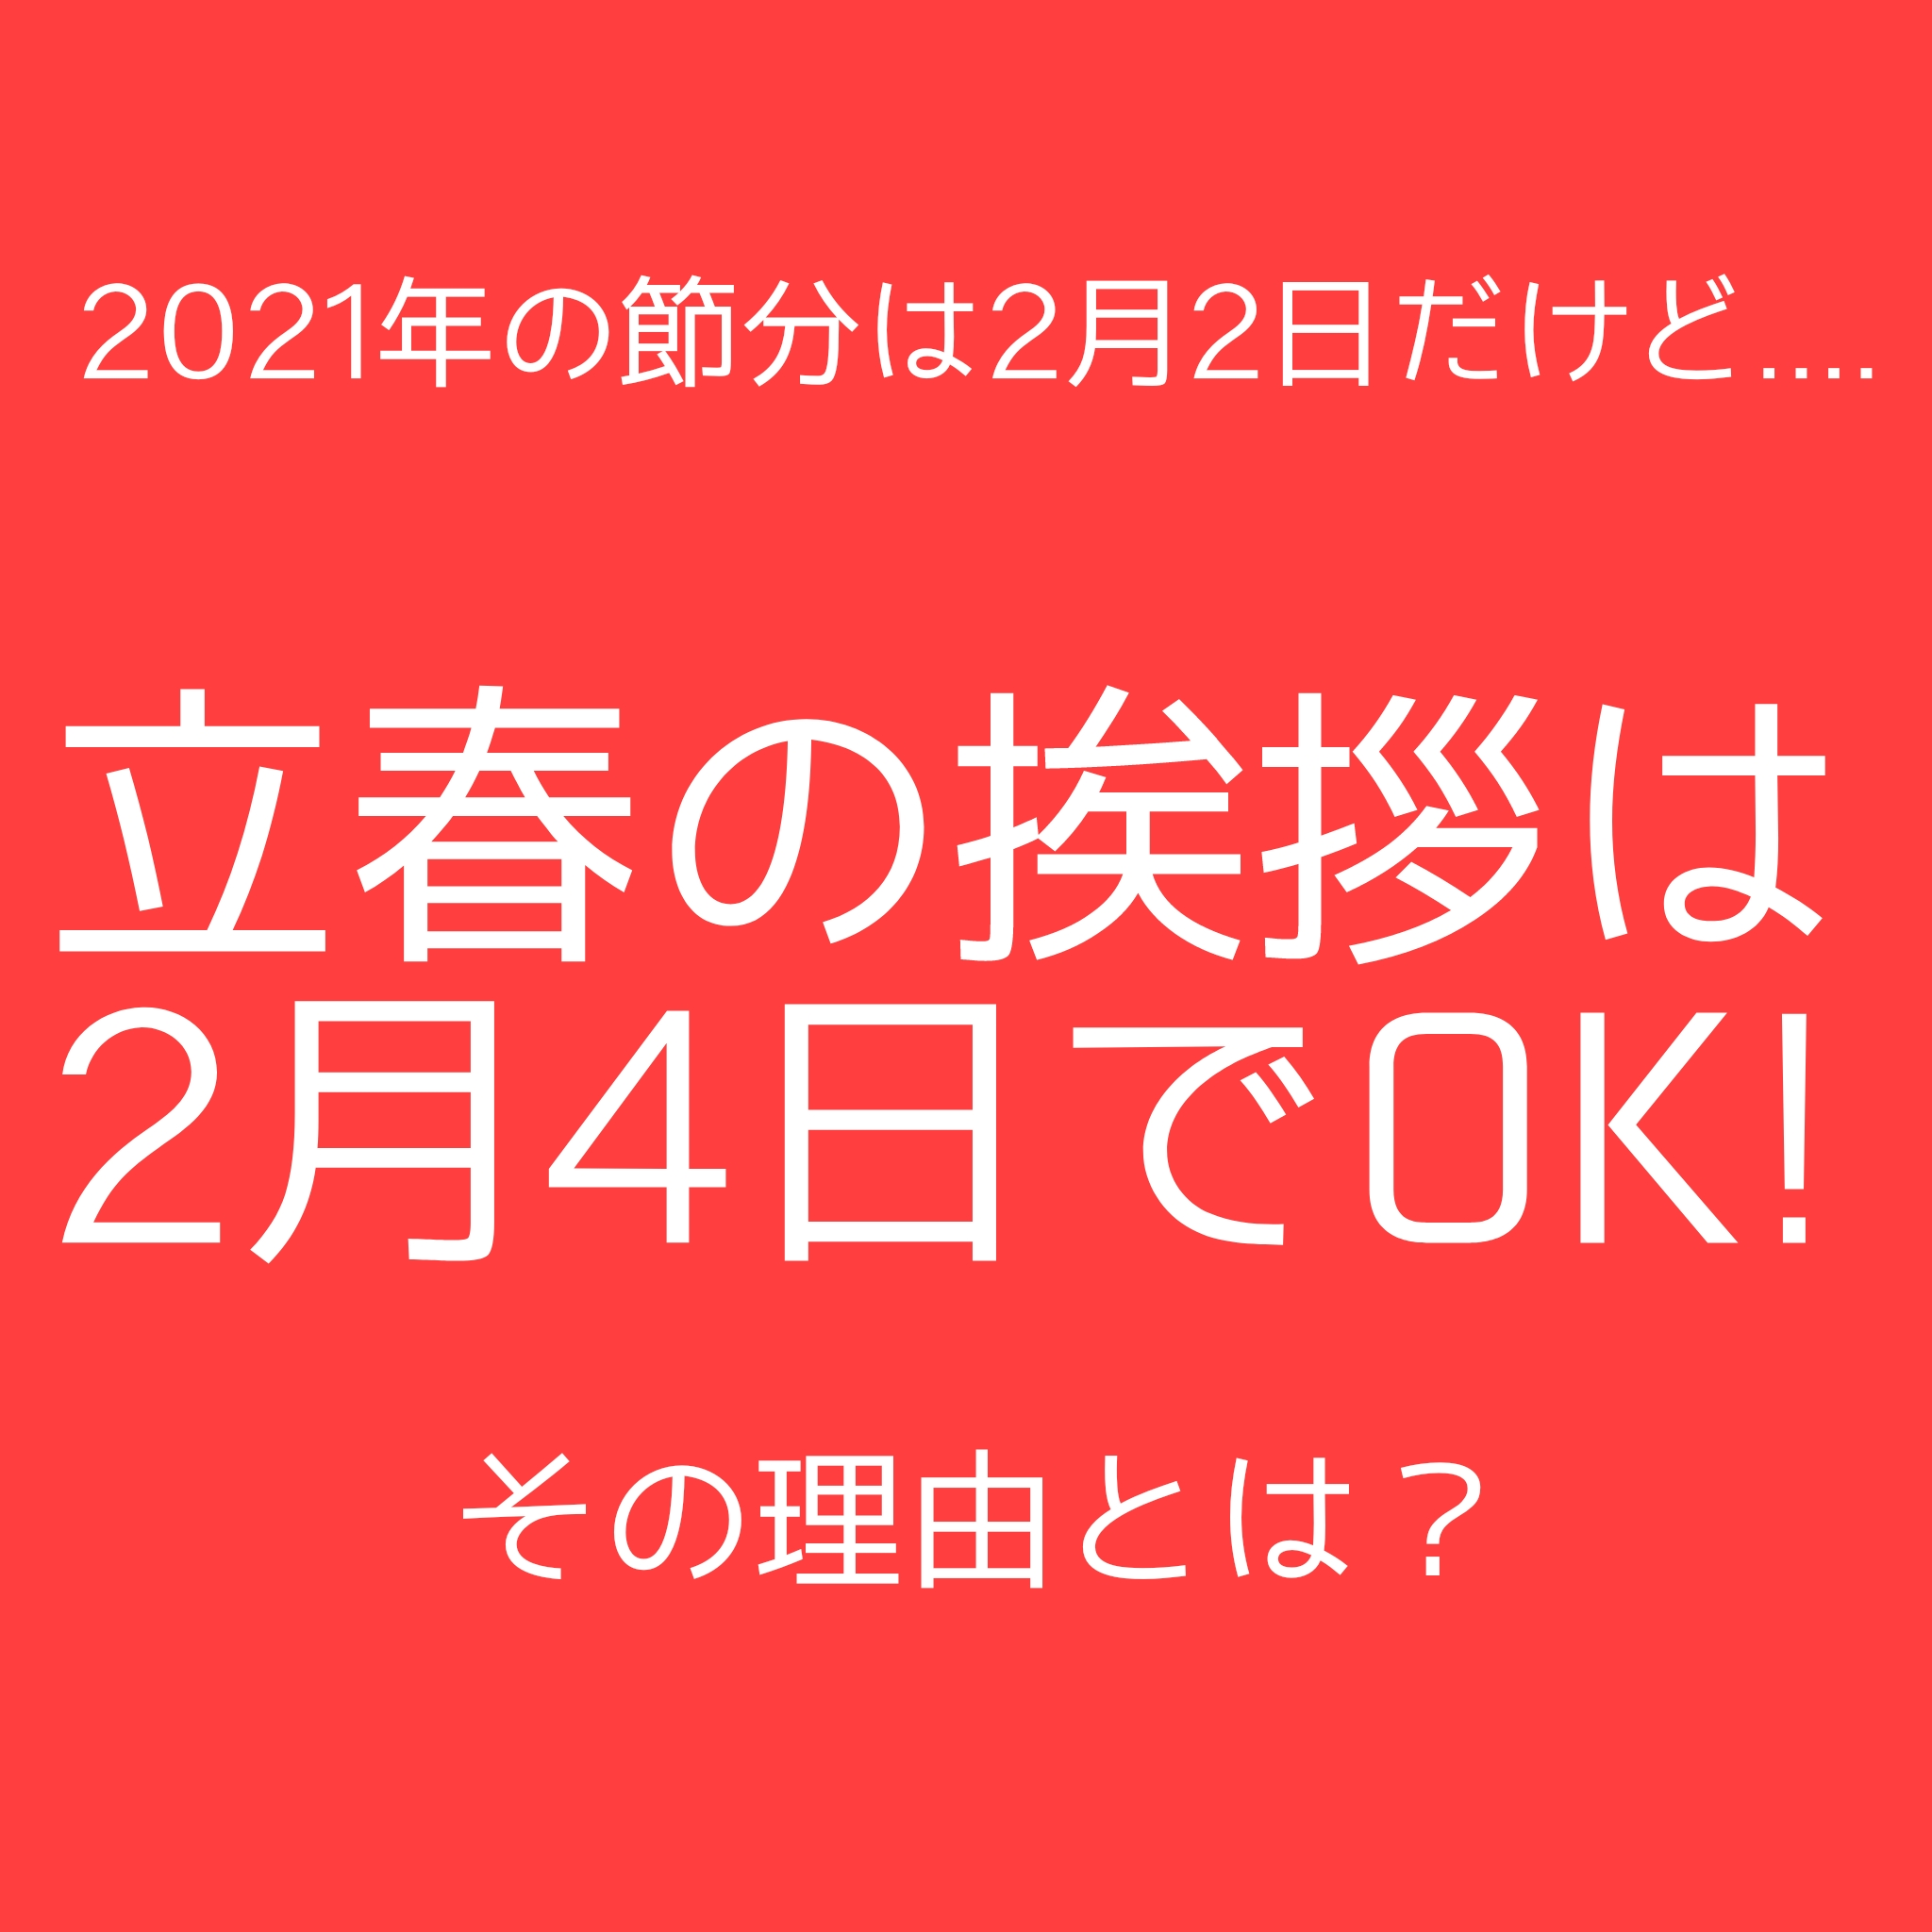 2021年の立春の挨拶は2月3日ではなく2月4日でいい?その理由とは?